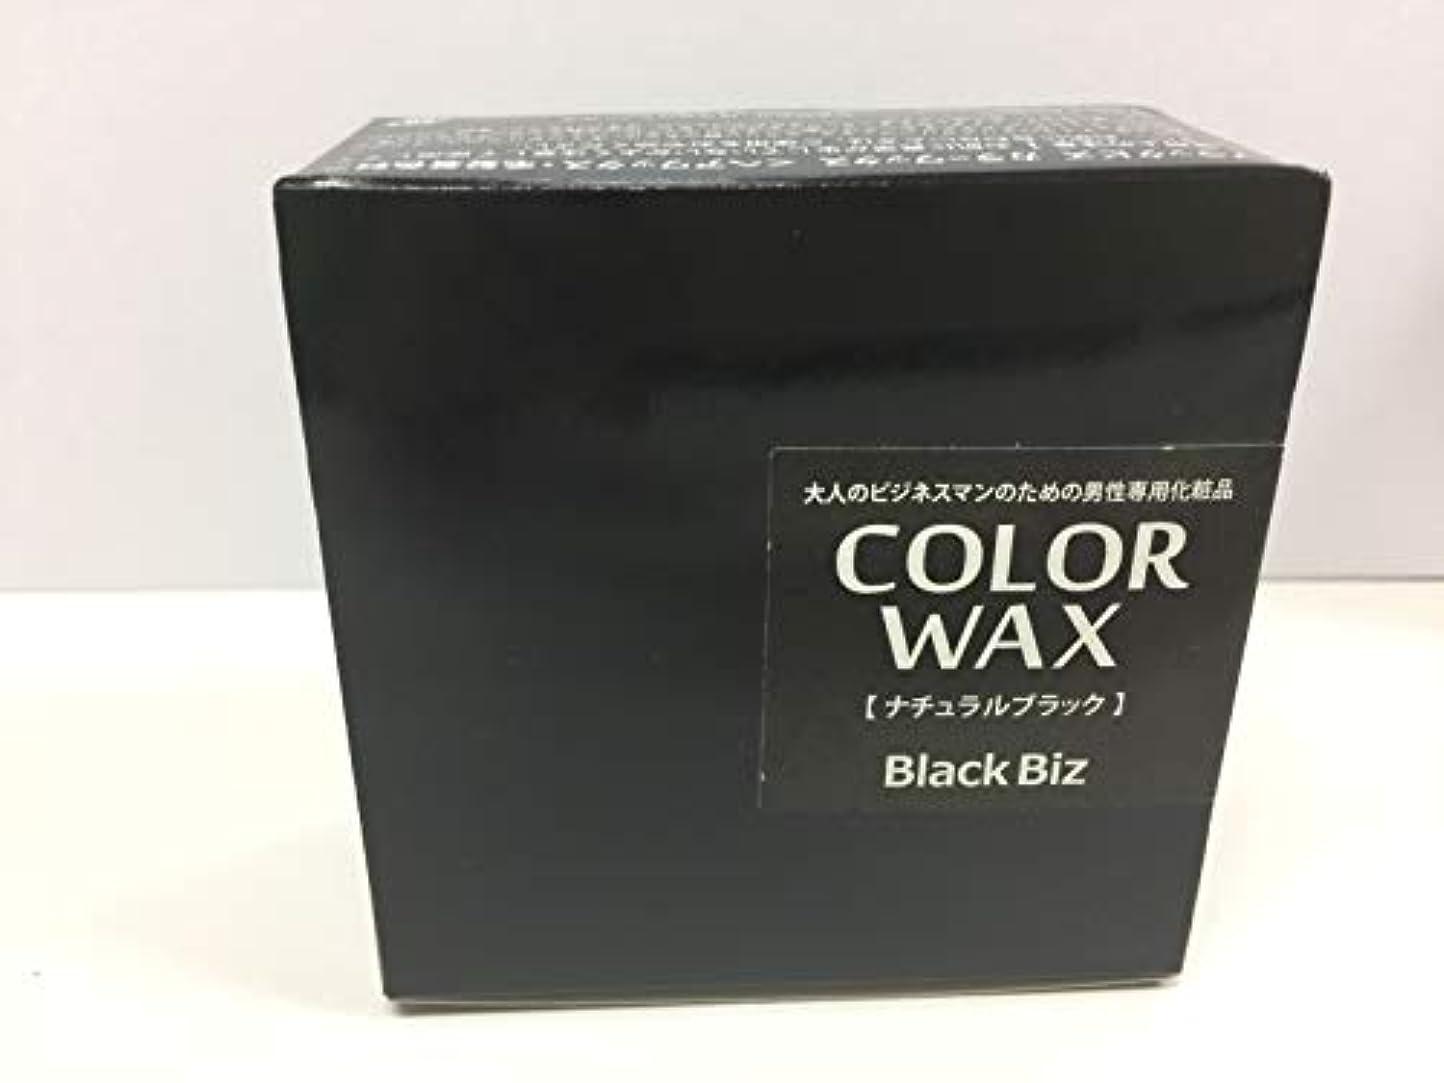 大人のビジネスマンのための男性専用化粧品 BlackBiz COLOR WAX ブラックビズ カラーワックス 【ナチュラルブラック】